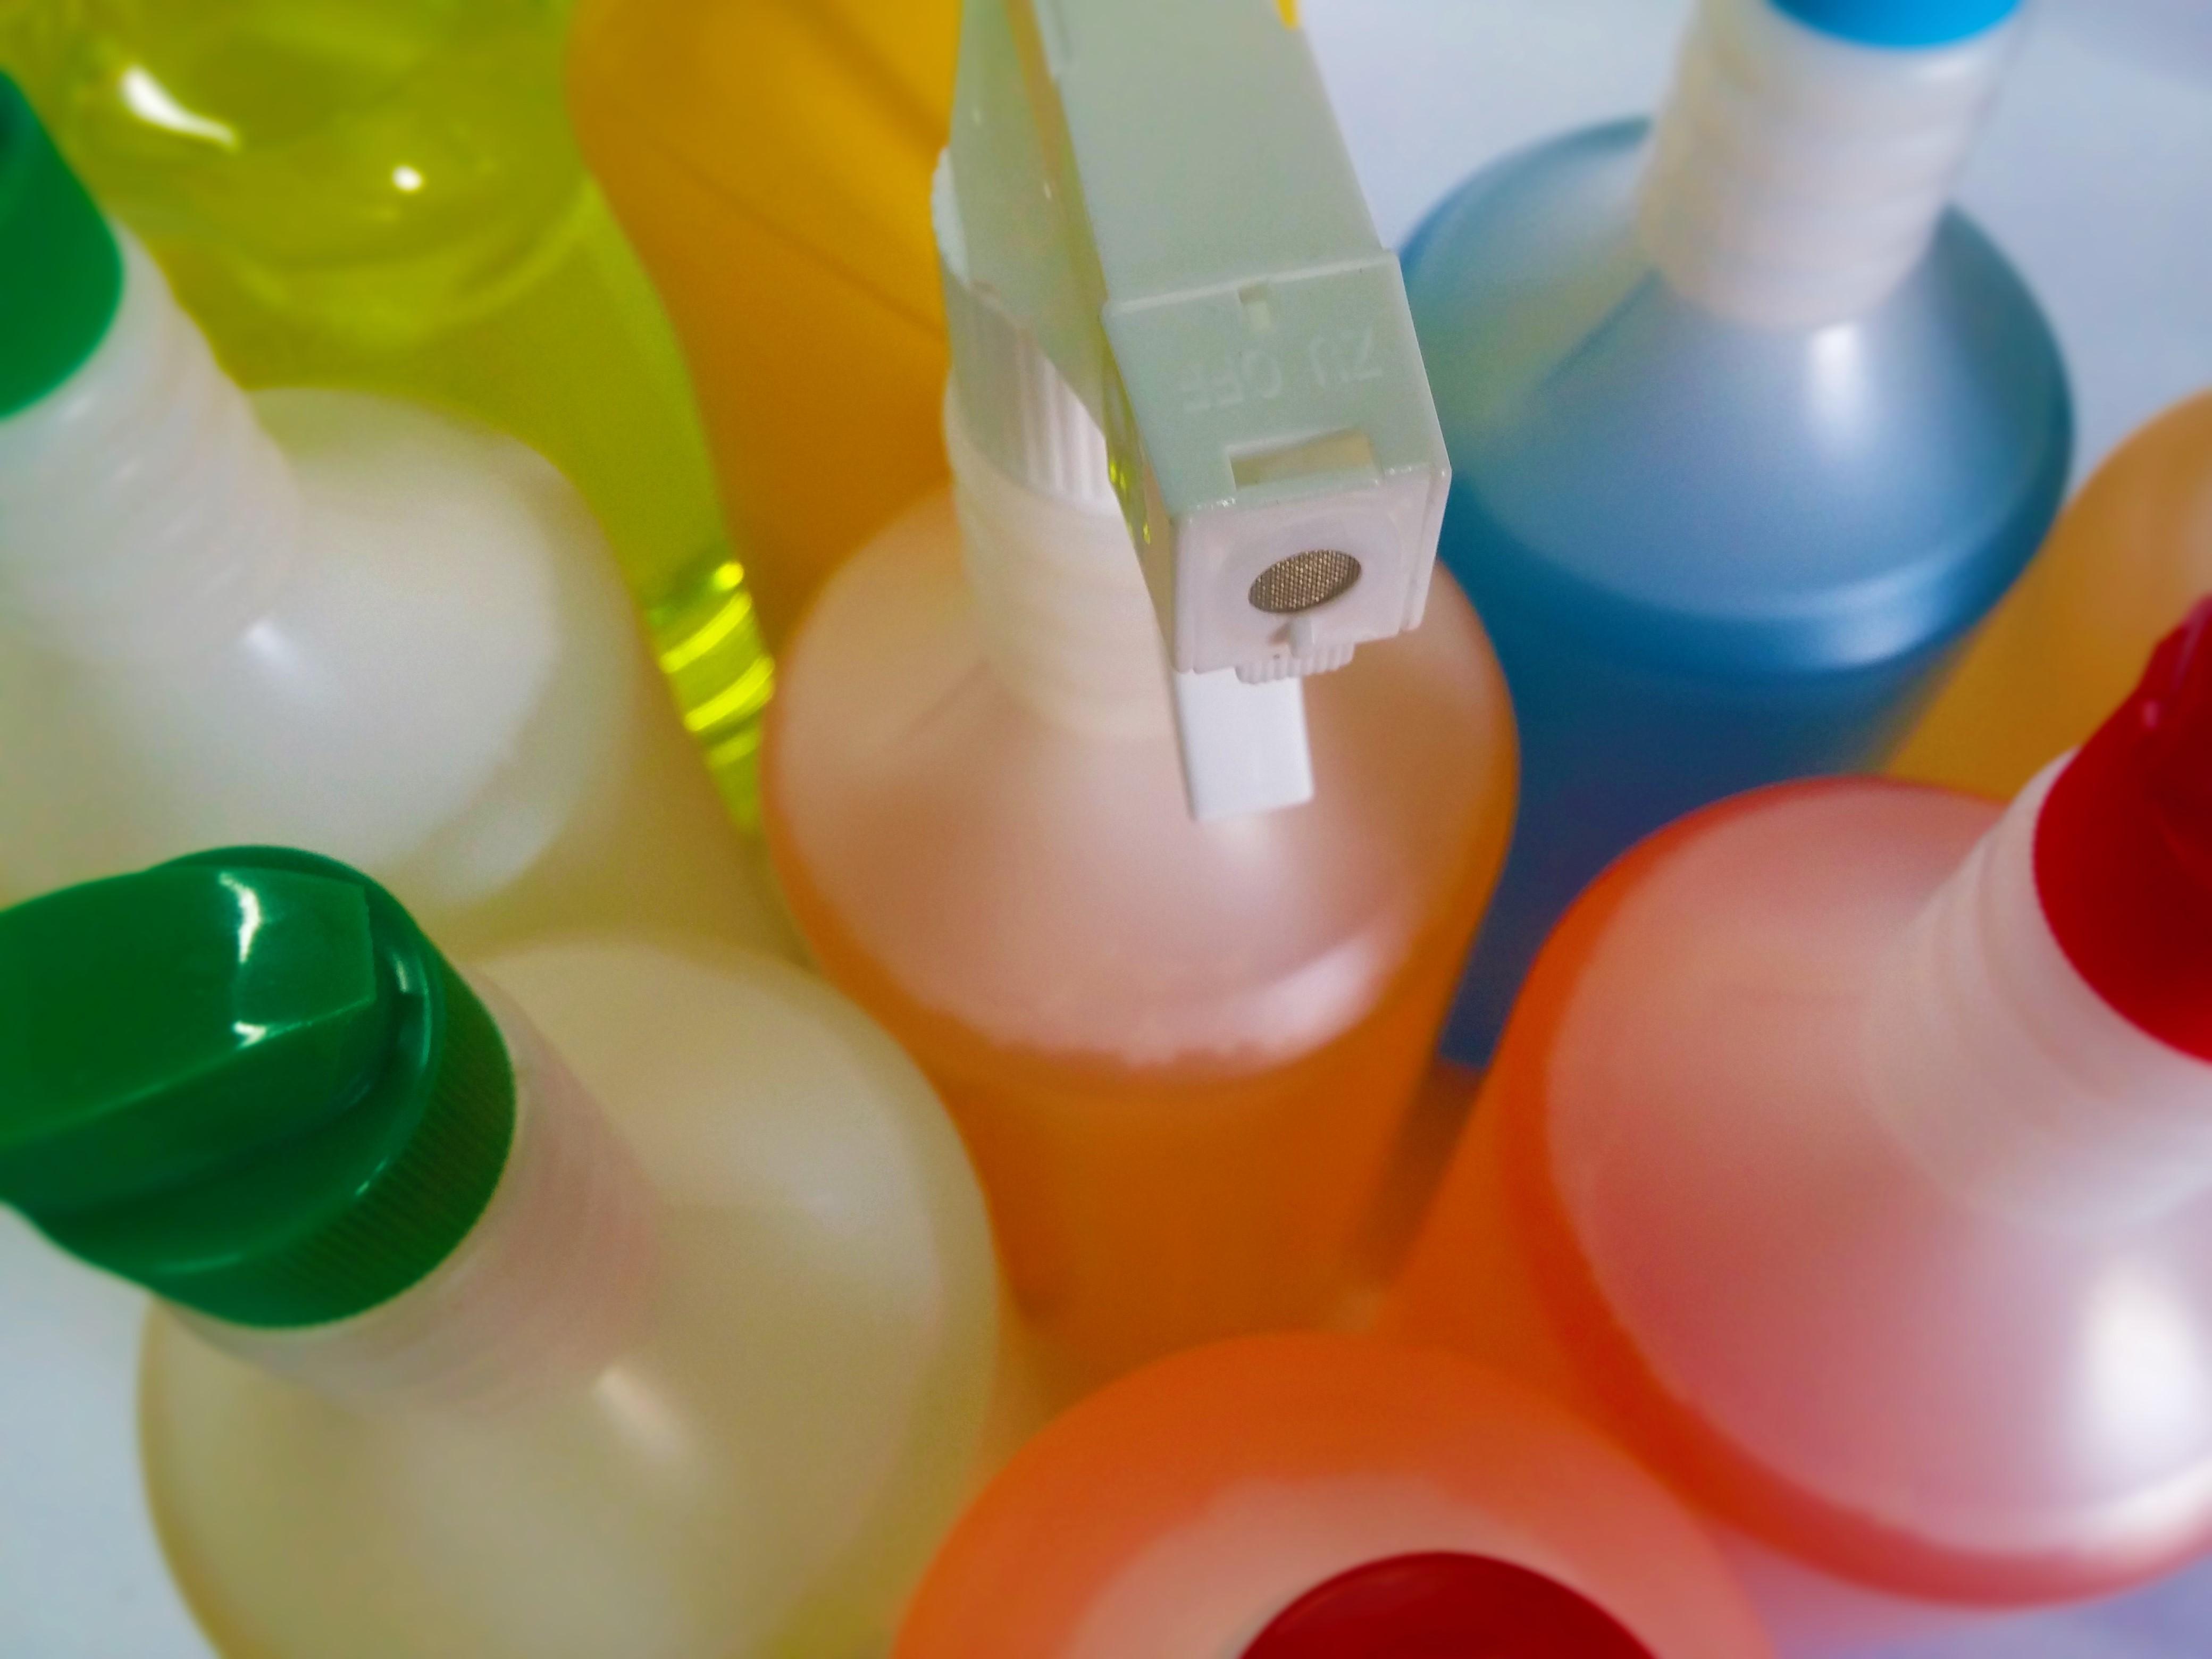 profesjonalne urządzenia i środki higieny